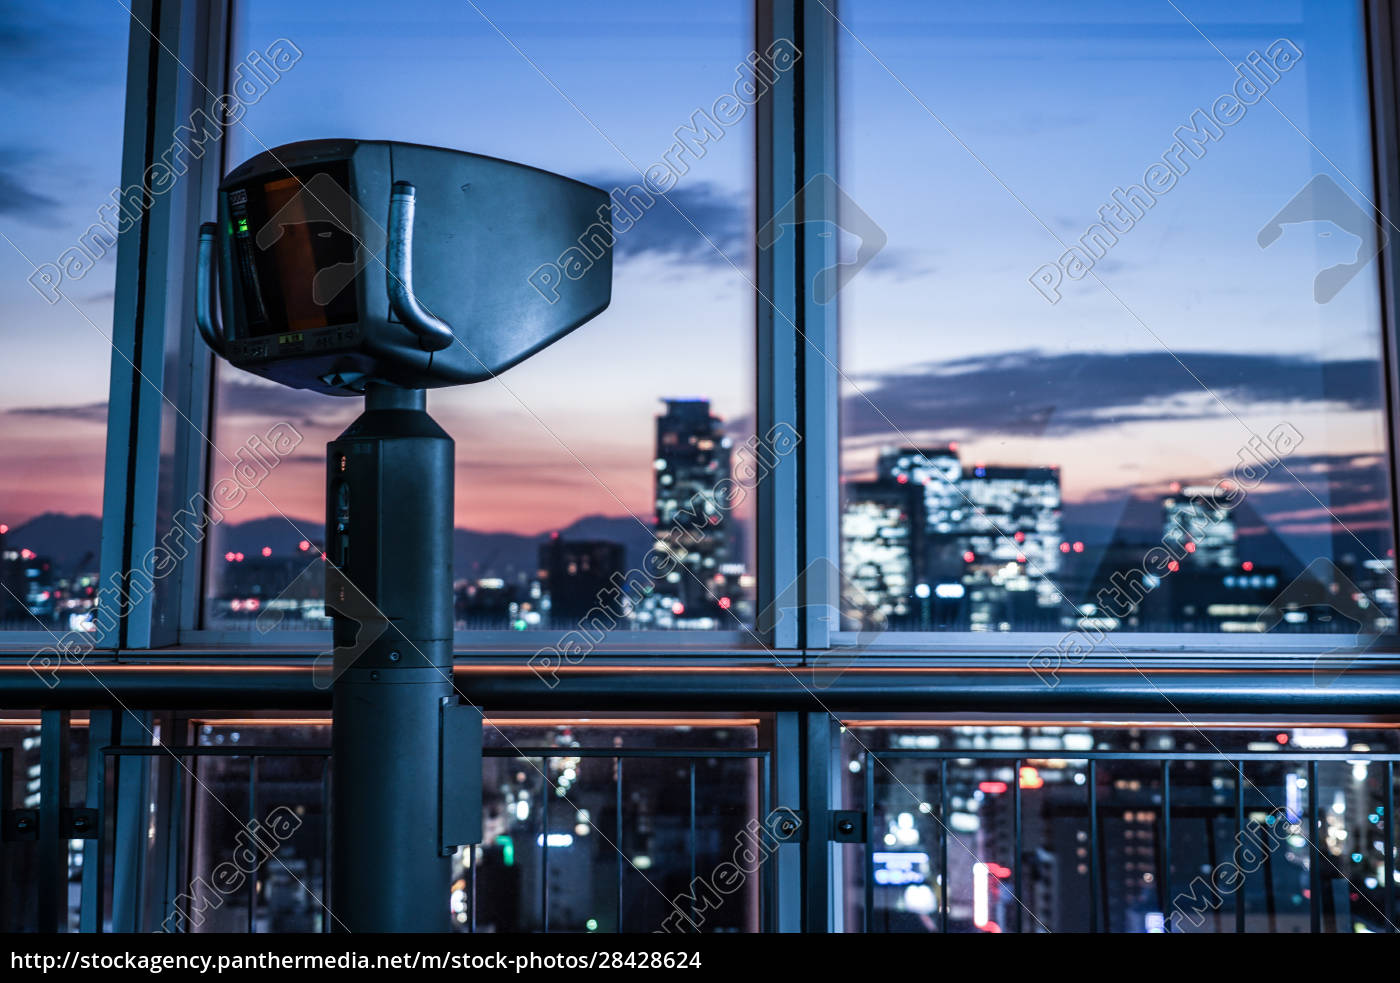 observatoriet, for, nagoya, tv, tower - 28428624